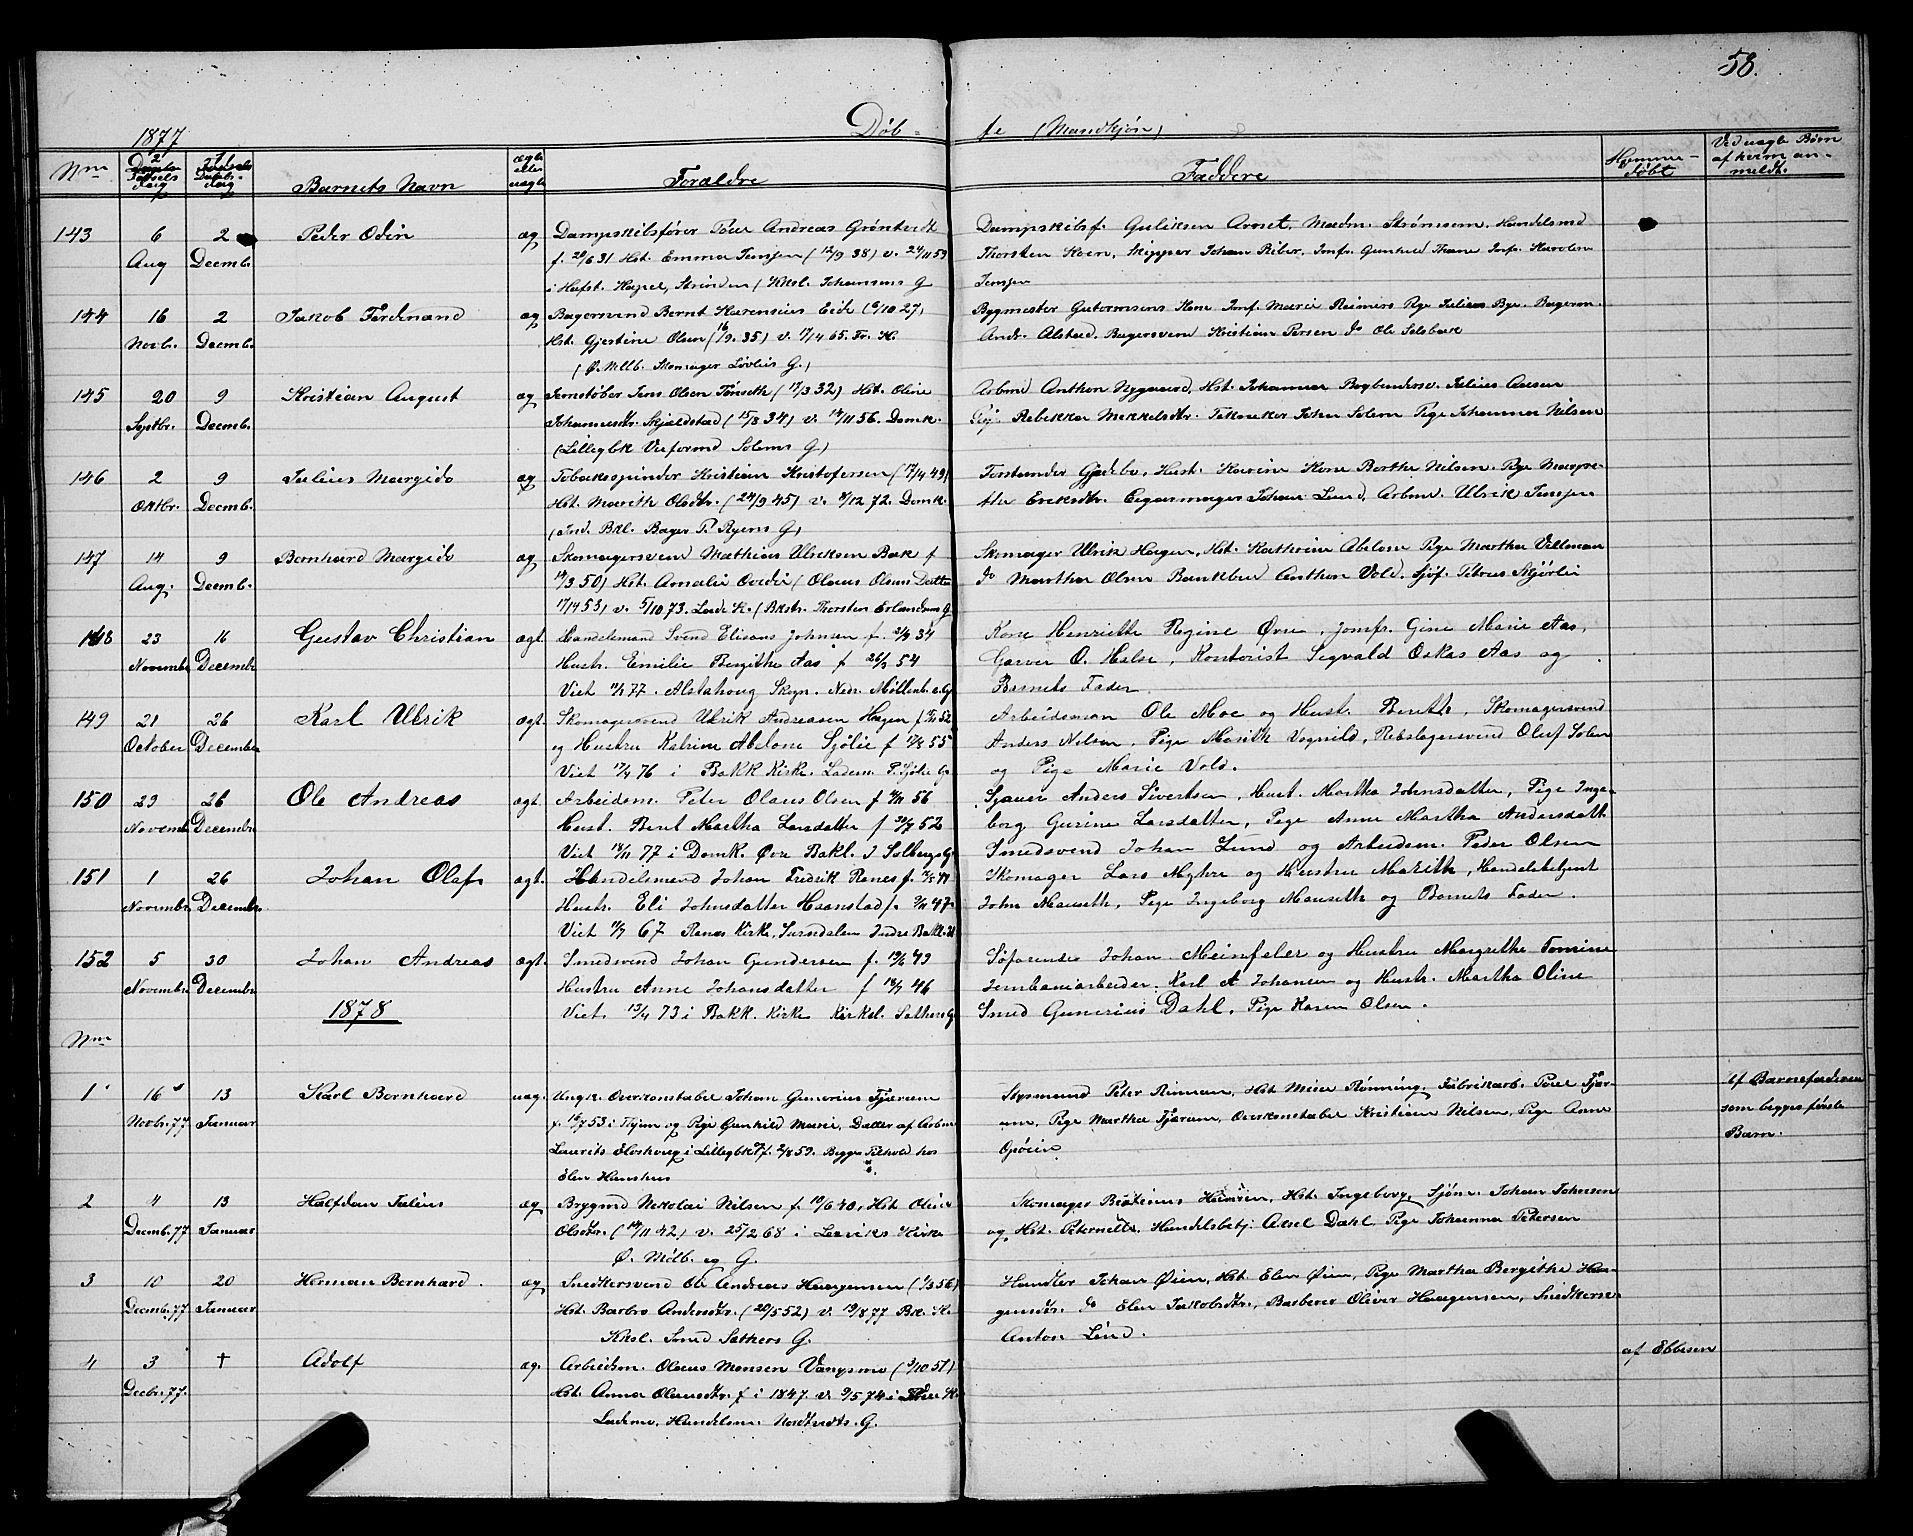 SAT, Ministerialprotokoller, klokkerbøker og fødselsregistre - Sør-Trøndelag, 604/L0220: Klokkerbok nr. 604C03, 1870-1885, s. 58